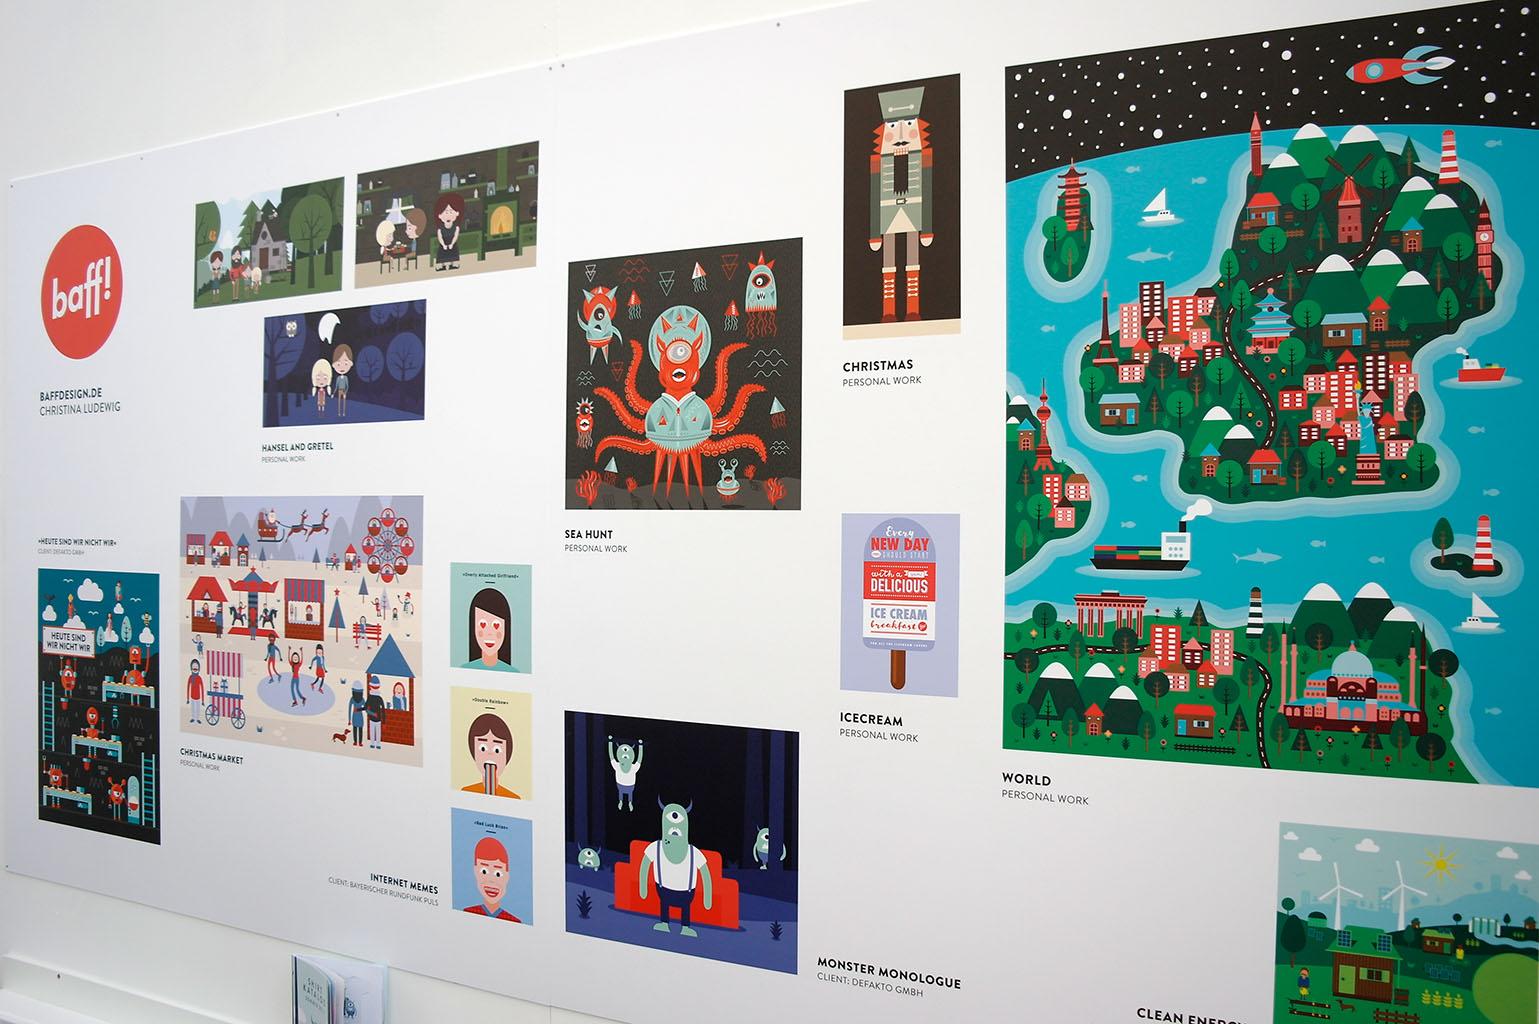 illu16-illustratoren-festival-köln-infografik-hans-christian-sanladerer